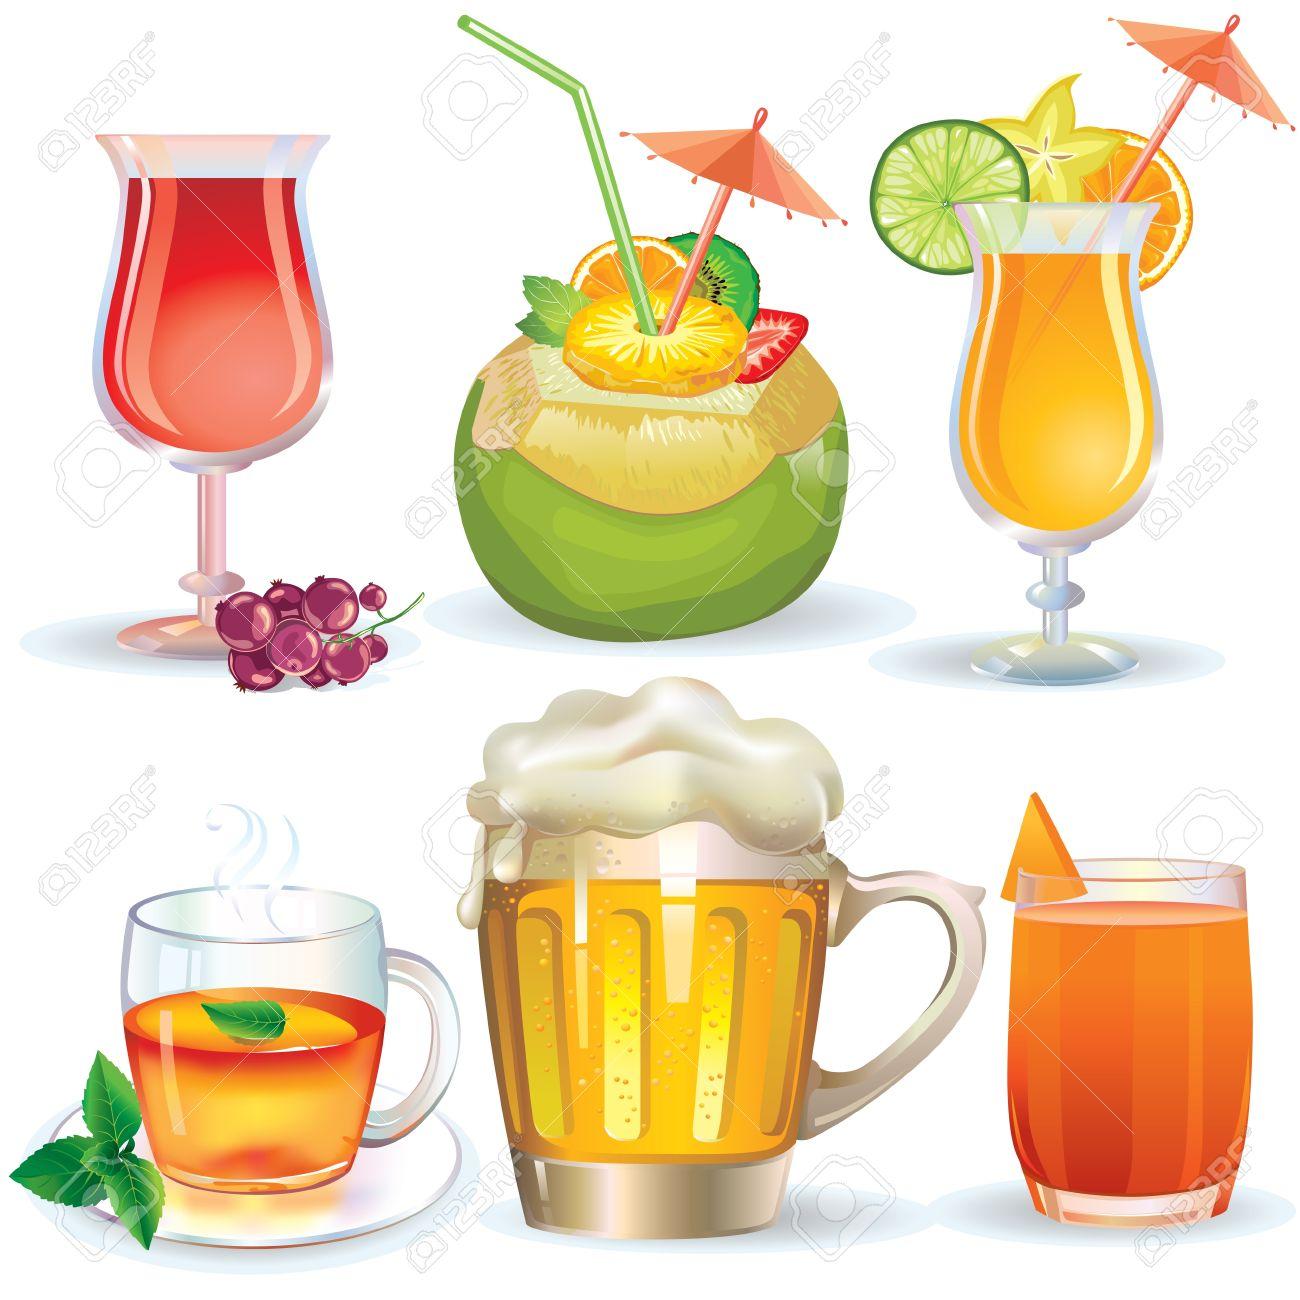 ドリンク、ジュース、アルコール飲料のイラスト ロイヤリティフリー